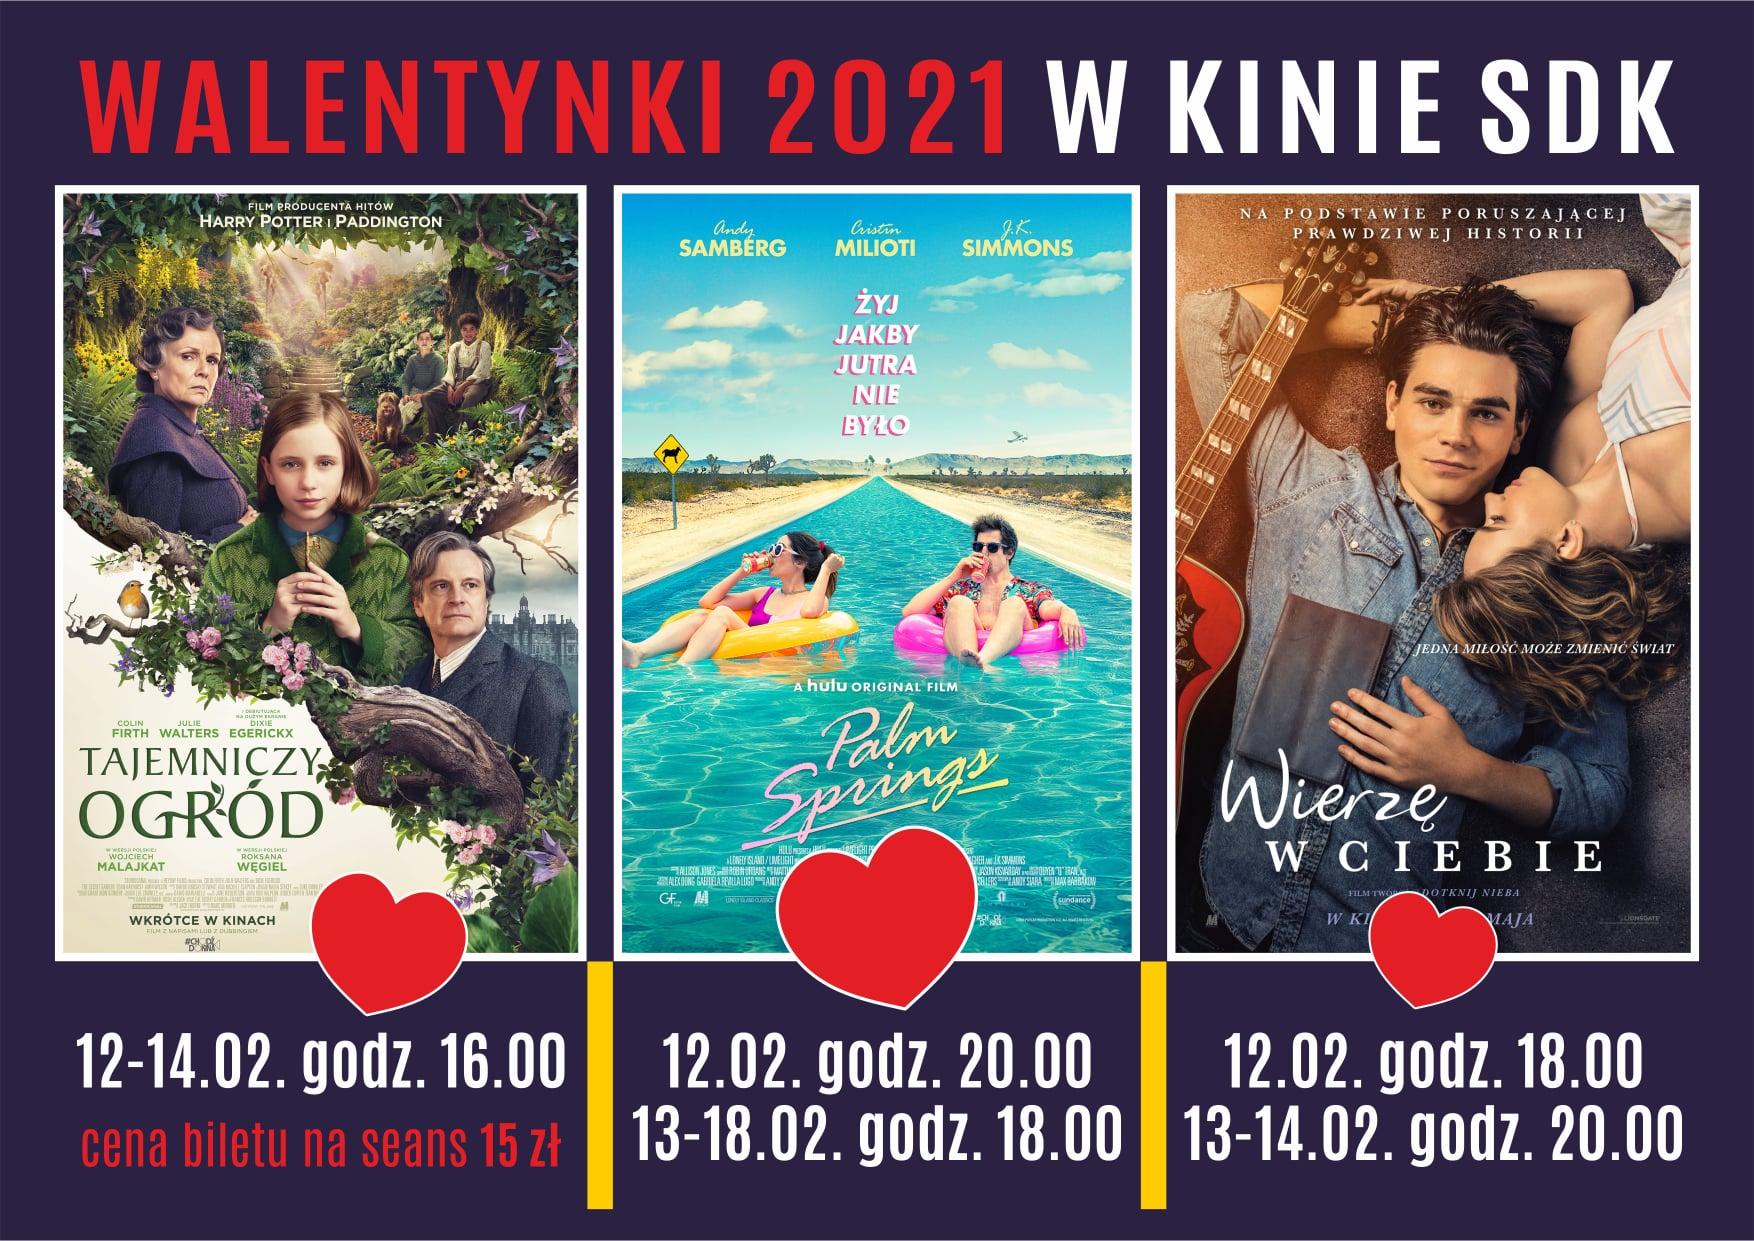 KONKURS: Kino SDK czynne od piątku. Wygraj bilety na seans! - Zdjęcie główne